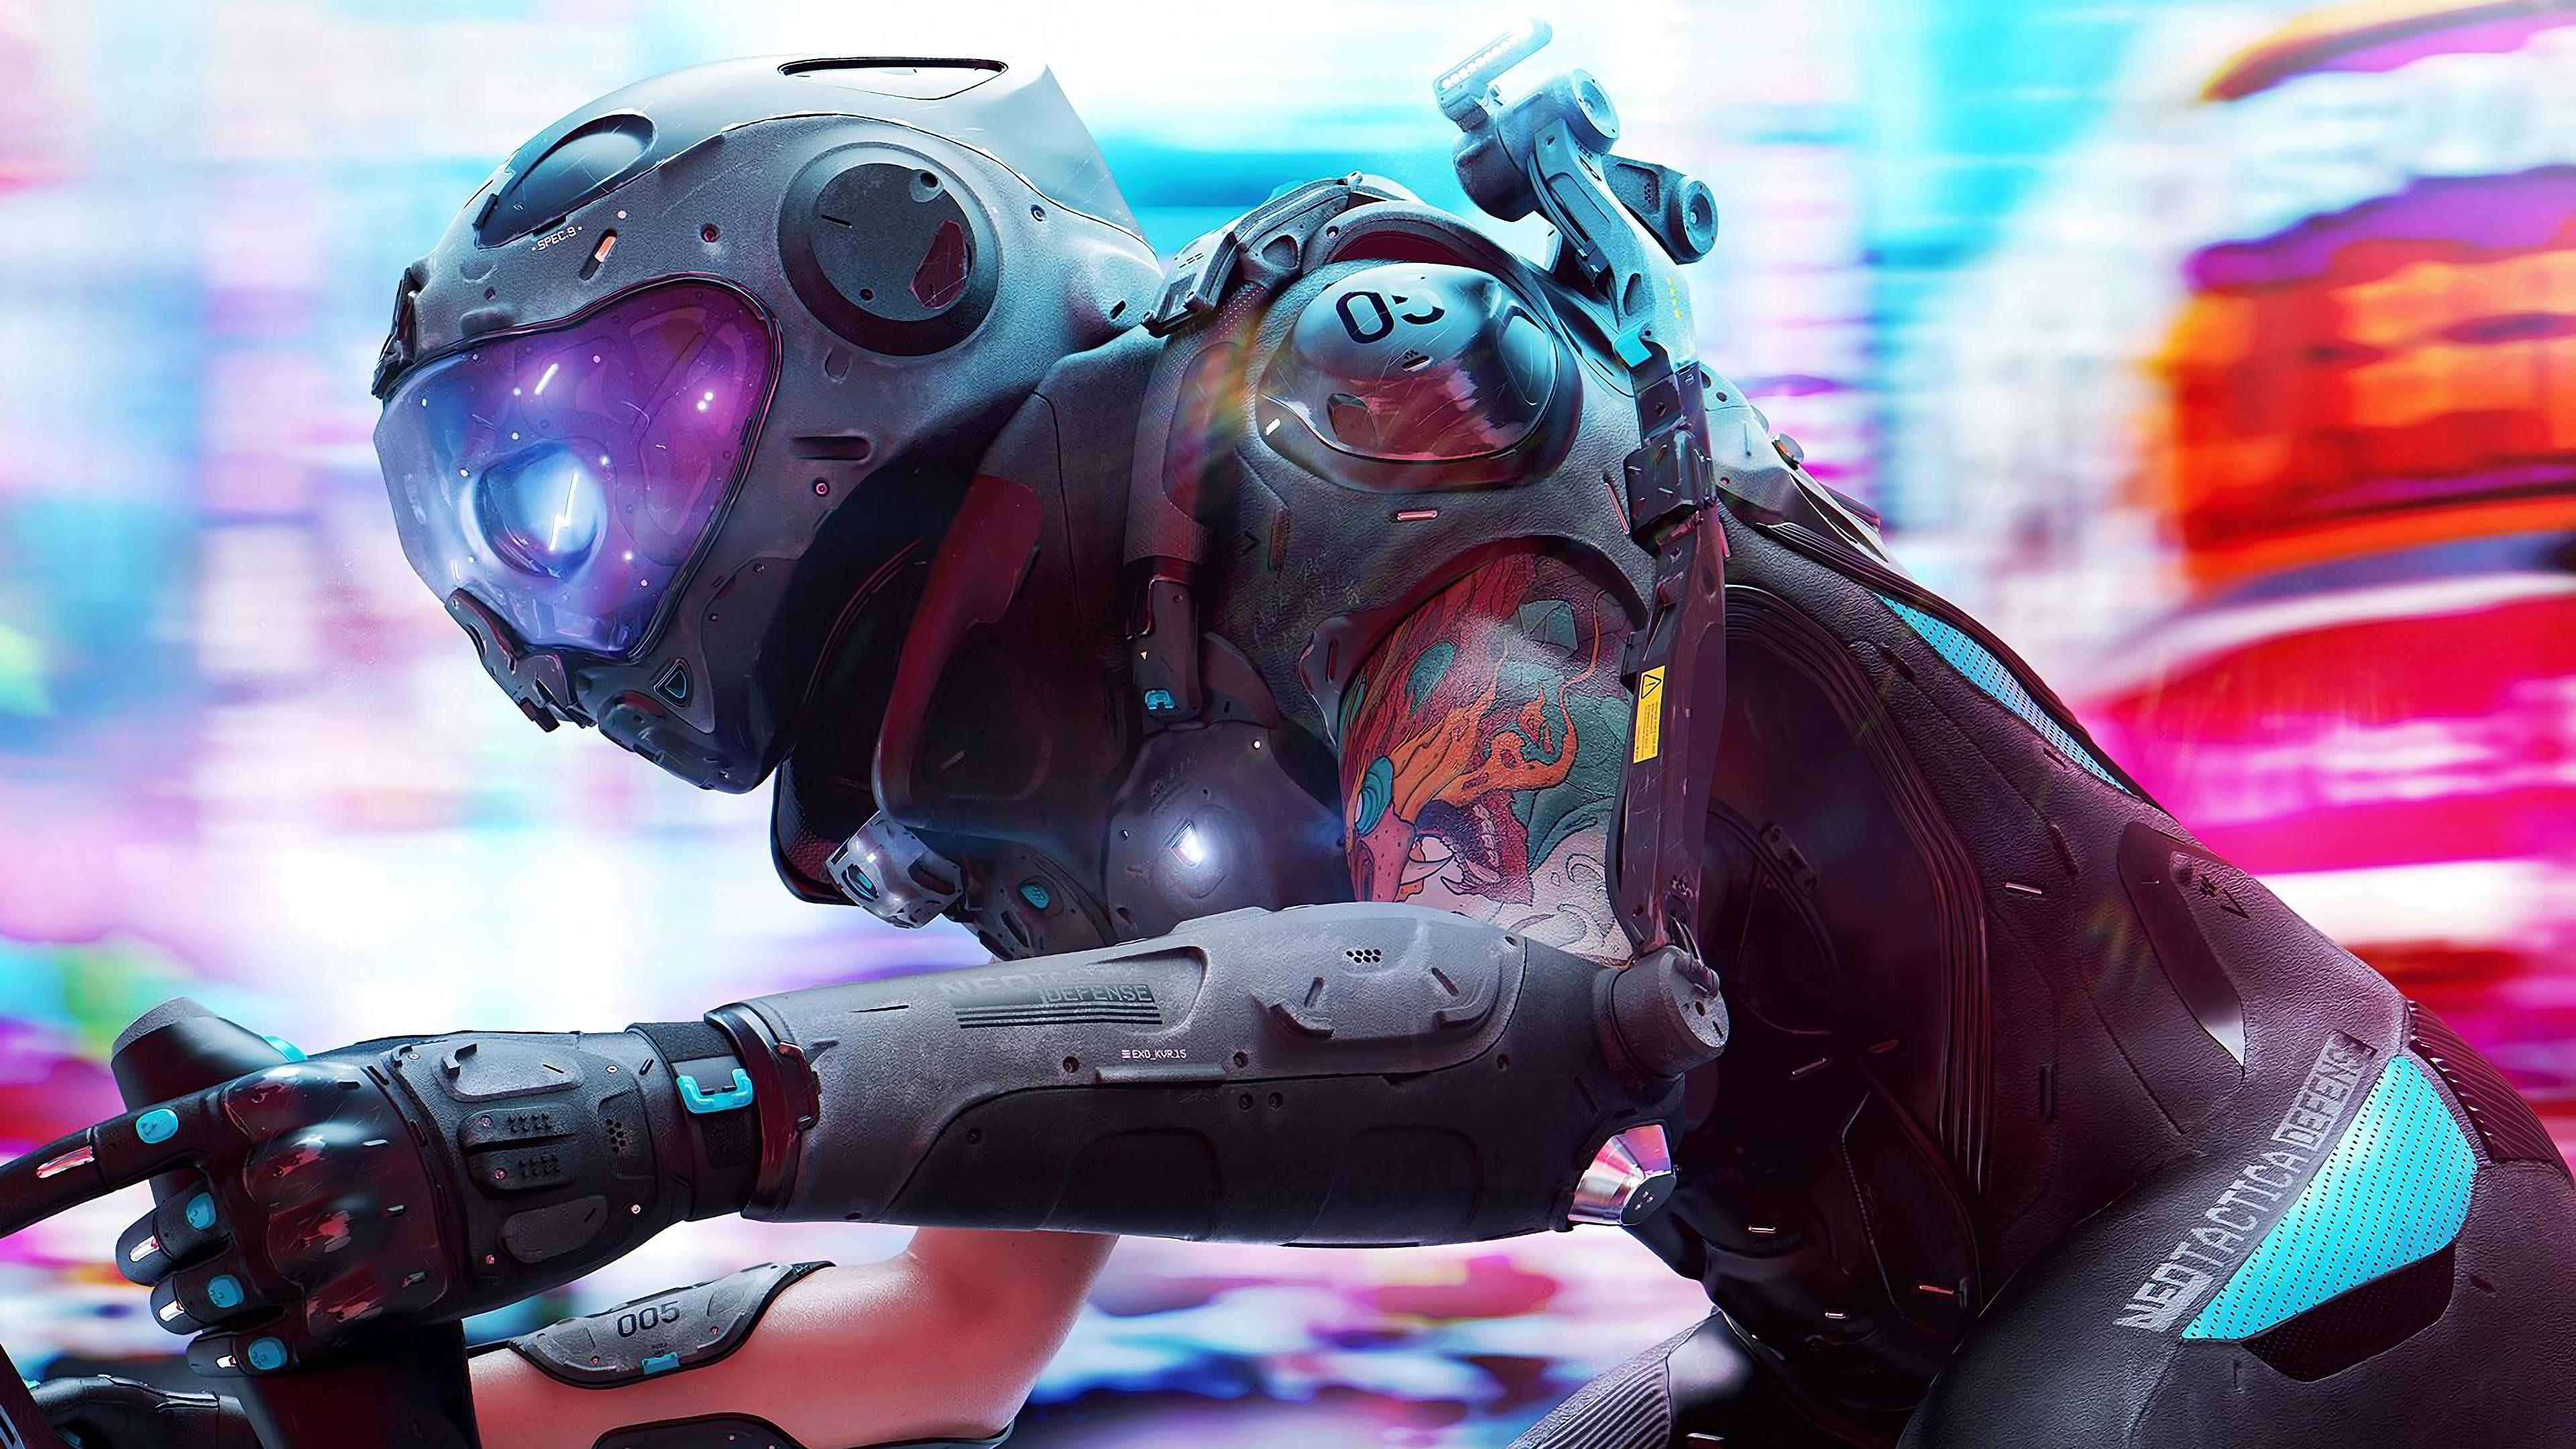 Cyberpunk, Tattoo, Biker, Sci-Fi, Digital Art, 4K, #121 ...